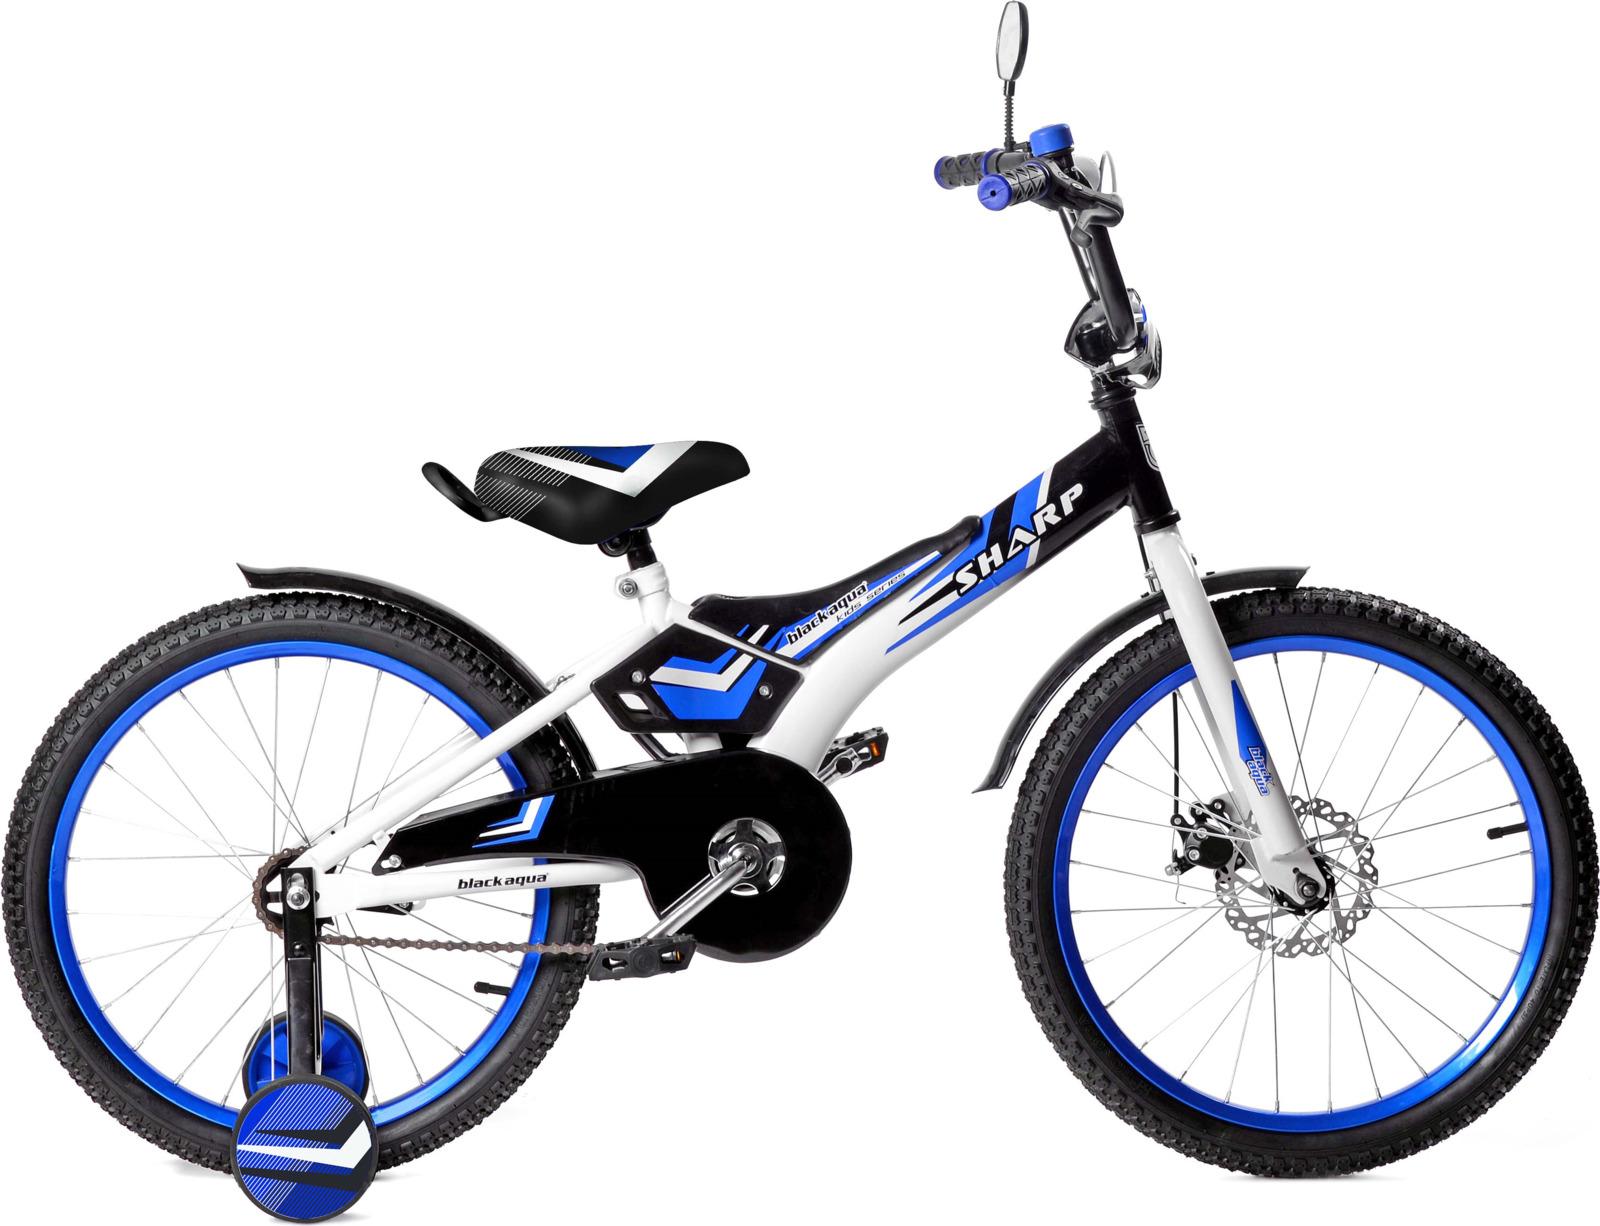 Велосипед детский Black Aqua Sharp, KG1610, со светящимися колесами, колесо 16